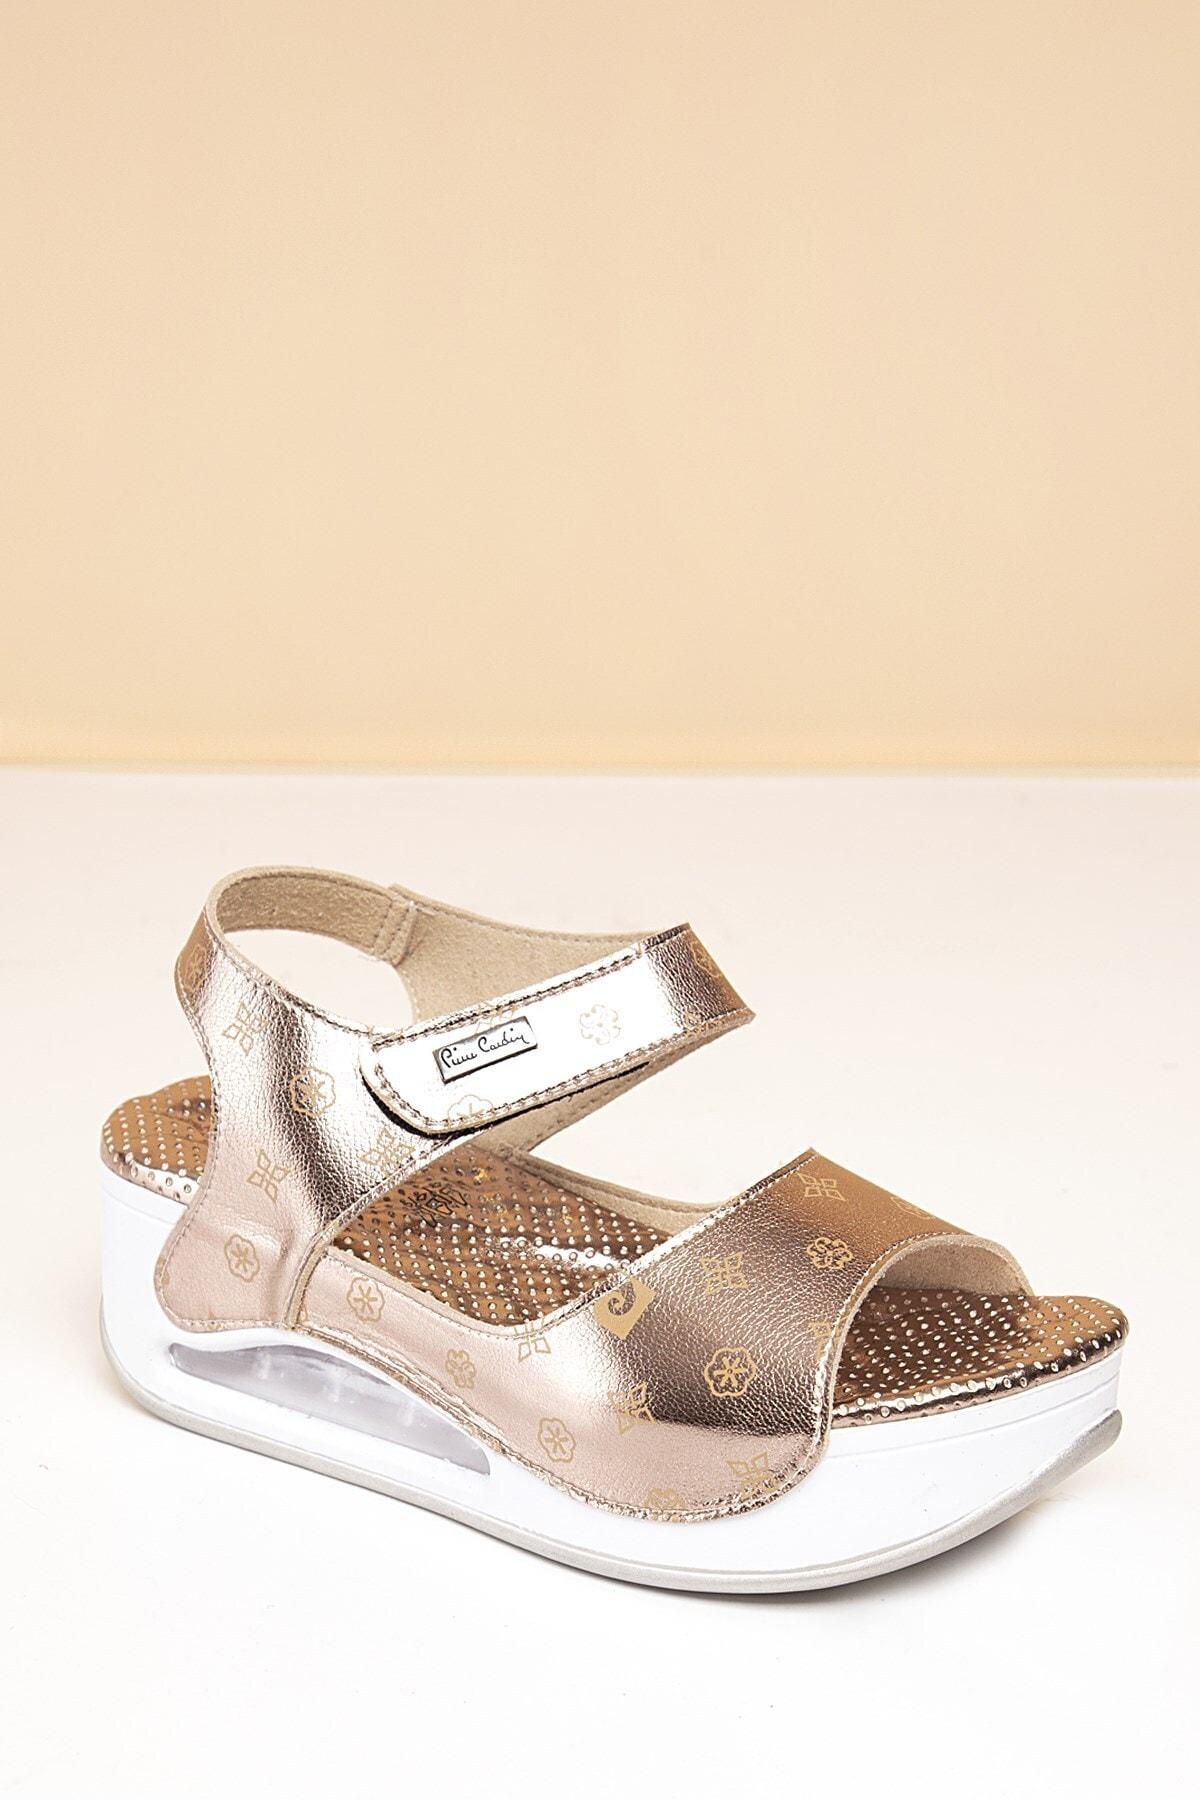 Pierre Cardin PC-1406 Platin-Bej Kadın Sandalet 2